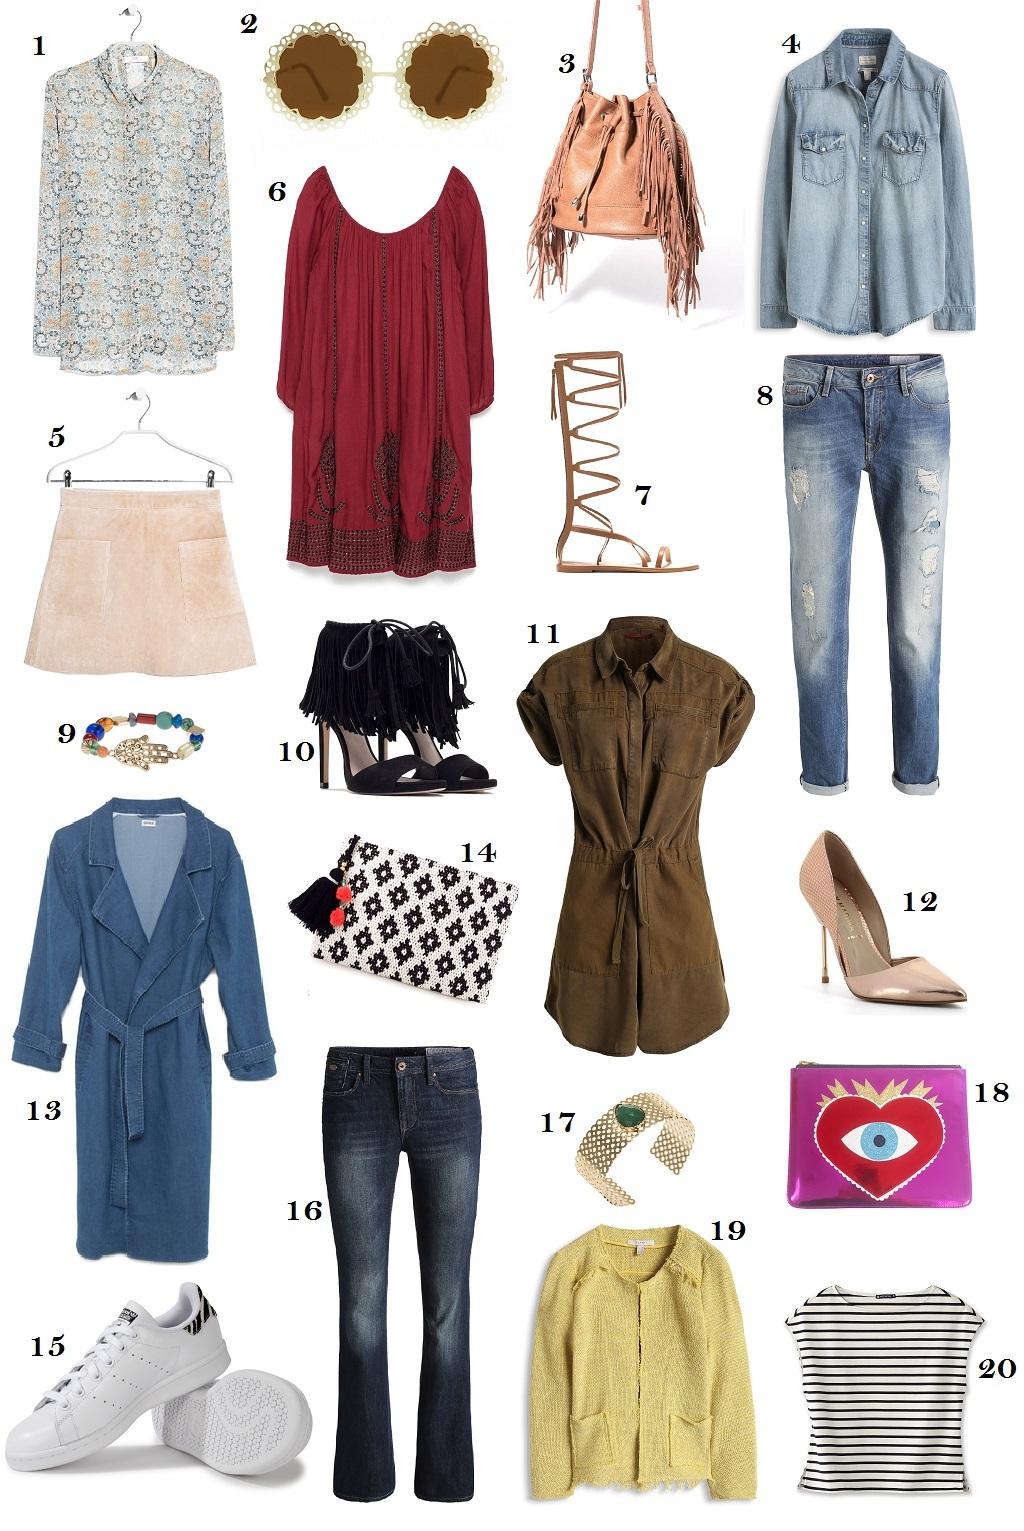 must have printemps été 2015 tendance mode fashion blog